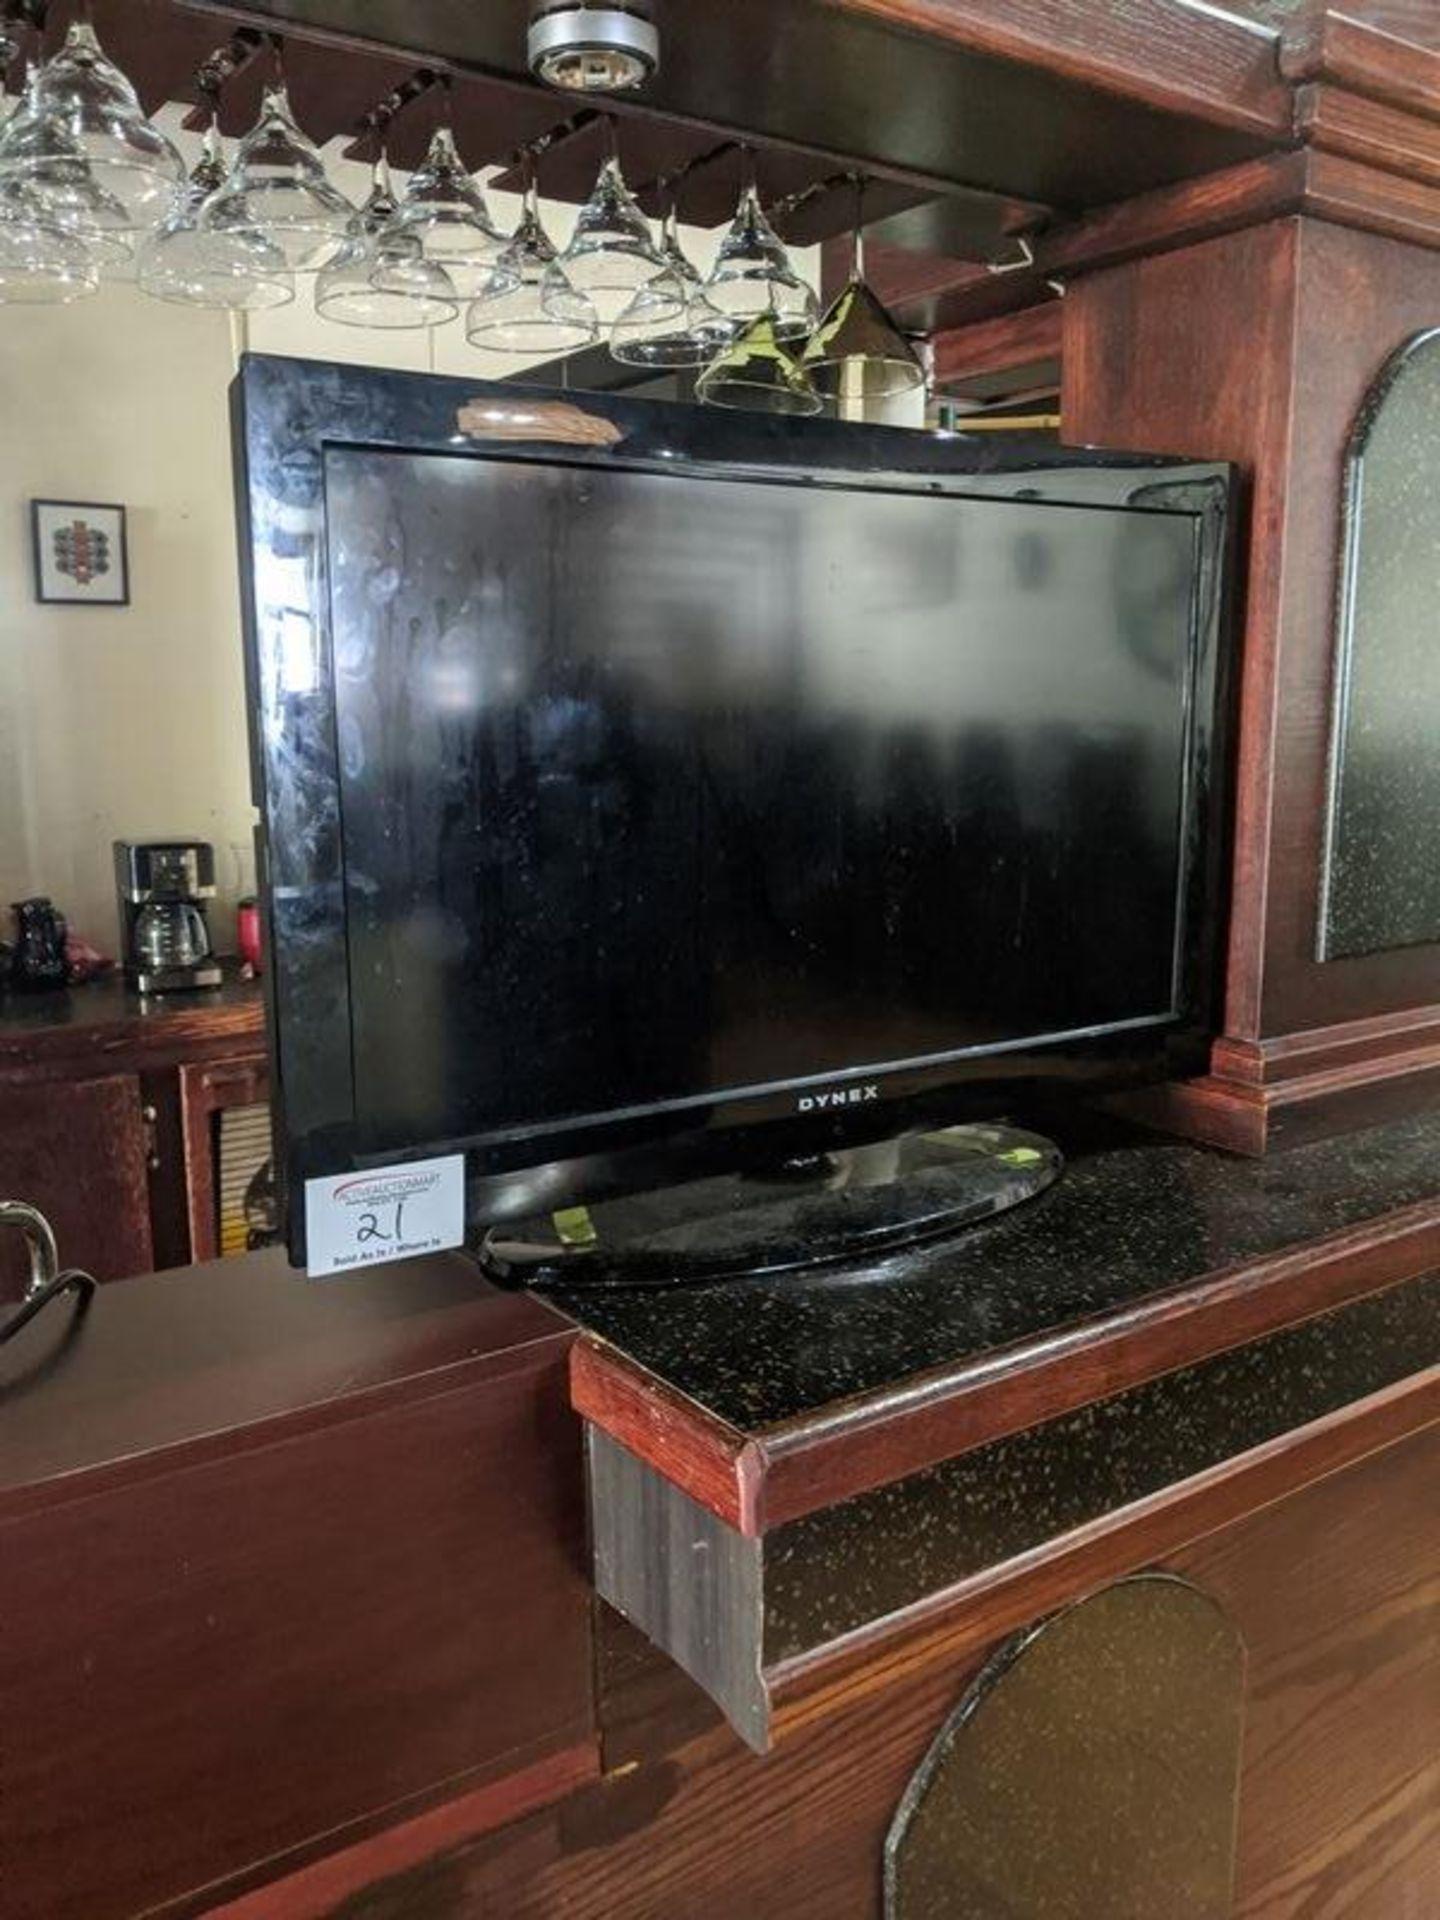 Lot 21 - Dynex TV